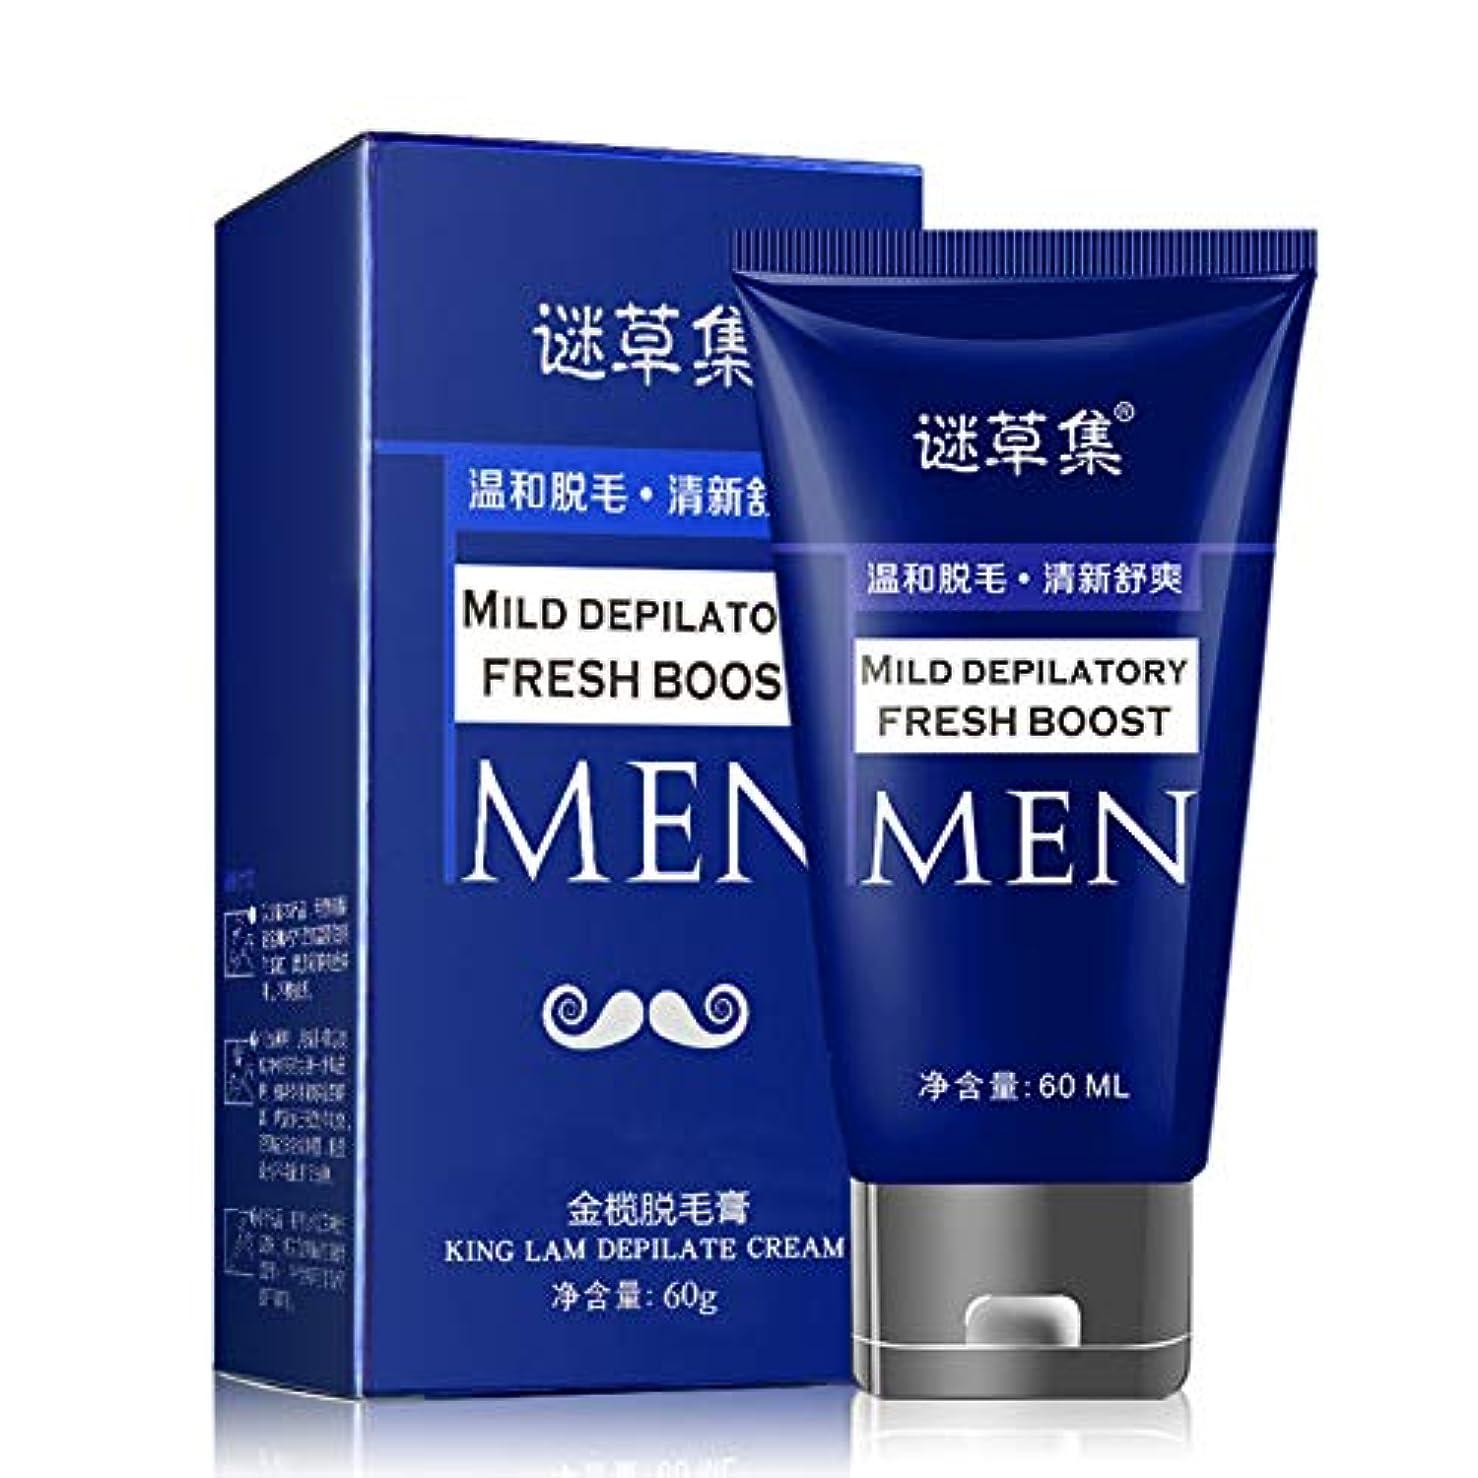 計算する禁止ミサイルRabugoo セクシー 60ML脱毛クリーム脱毛腕のアームの脚の毛の痛みは、男性の美容スパのために削除